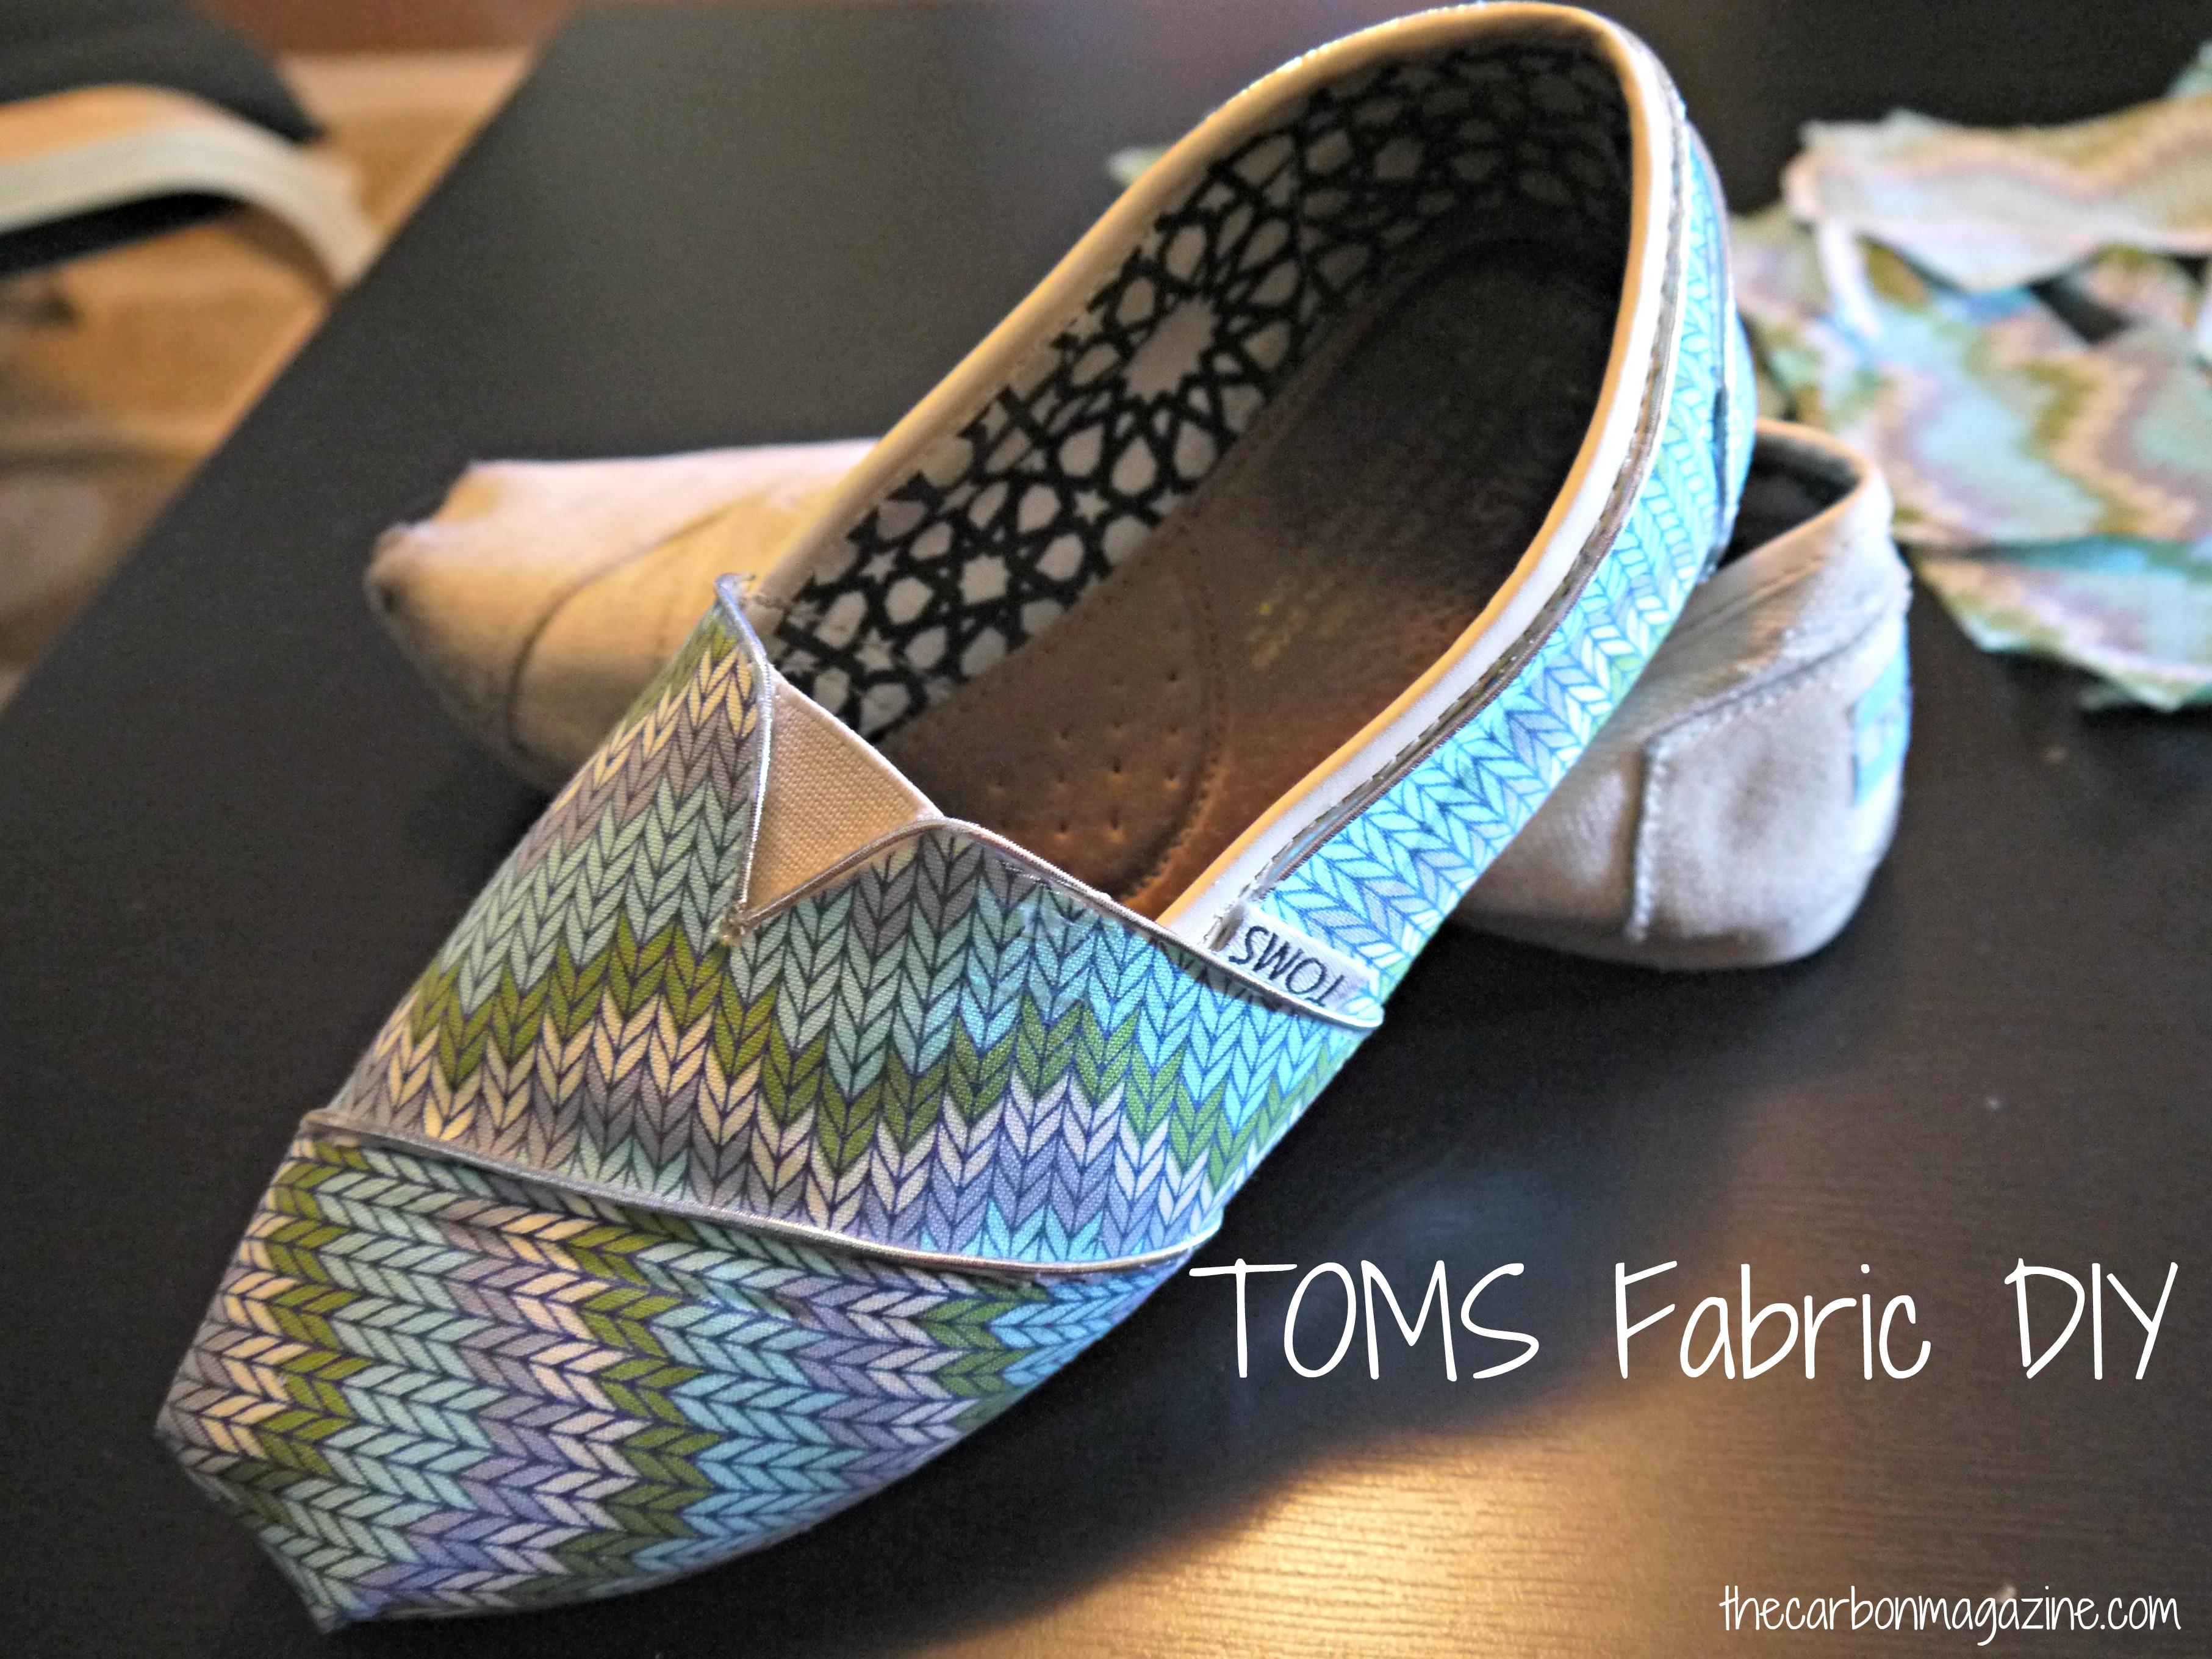 Design DIY: Fabric TOMS DIY